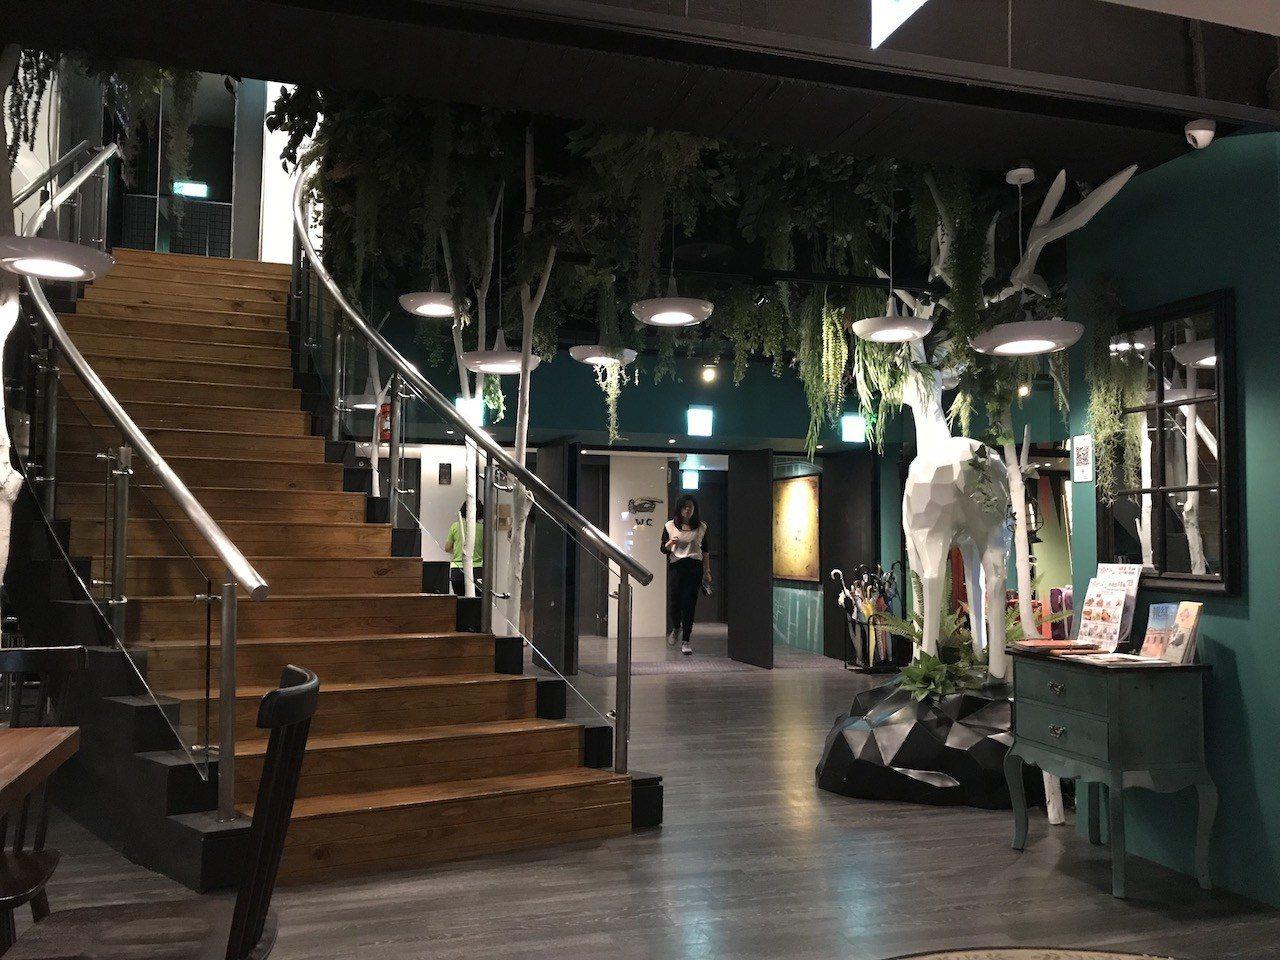 左邊就是一樓走下來的樓梯,非常令人難忘的裝飾。白鹿、樹枝裝飾以及綠色牆面,都讓你...